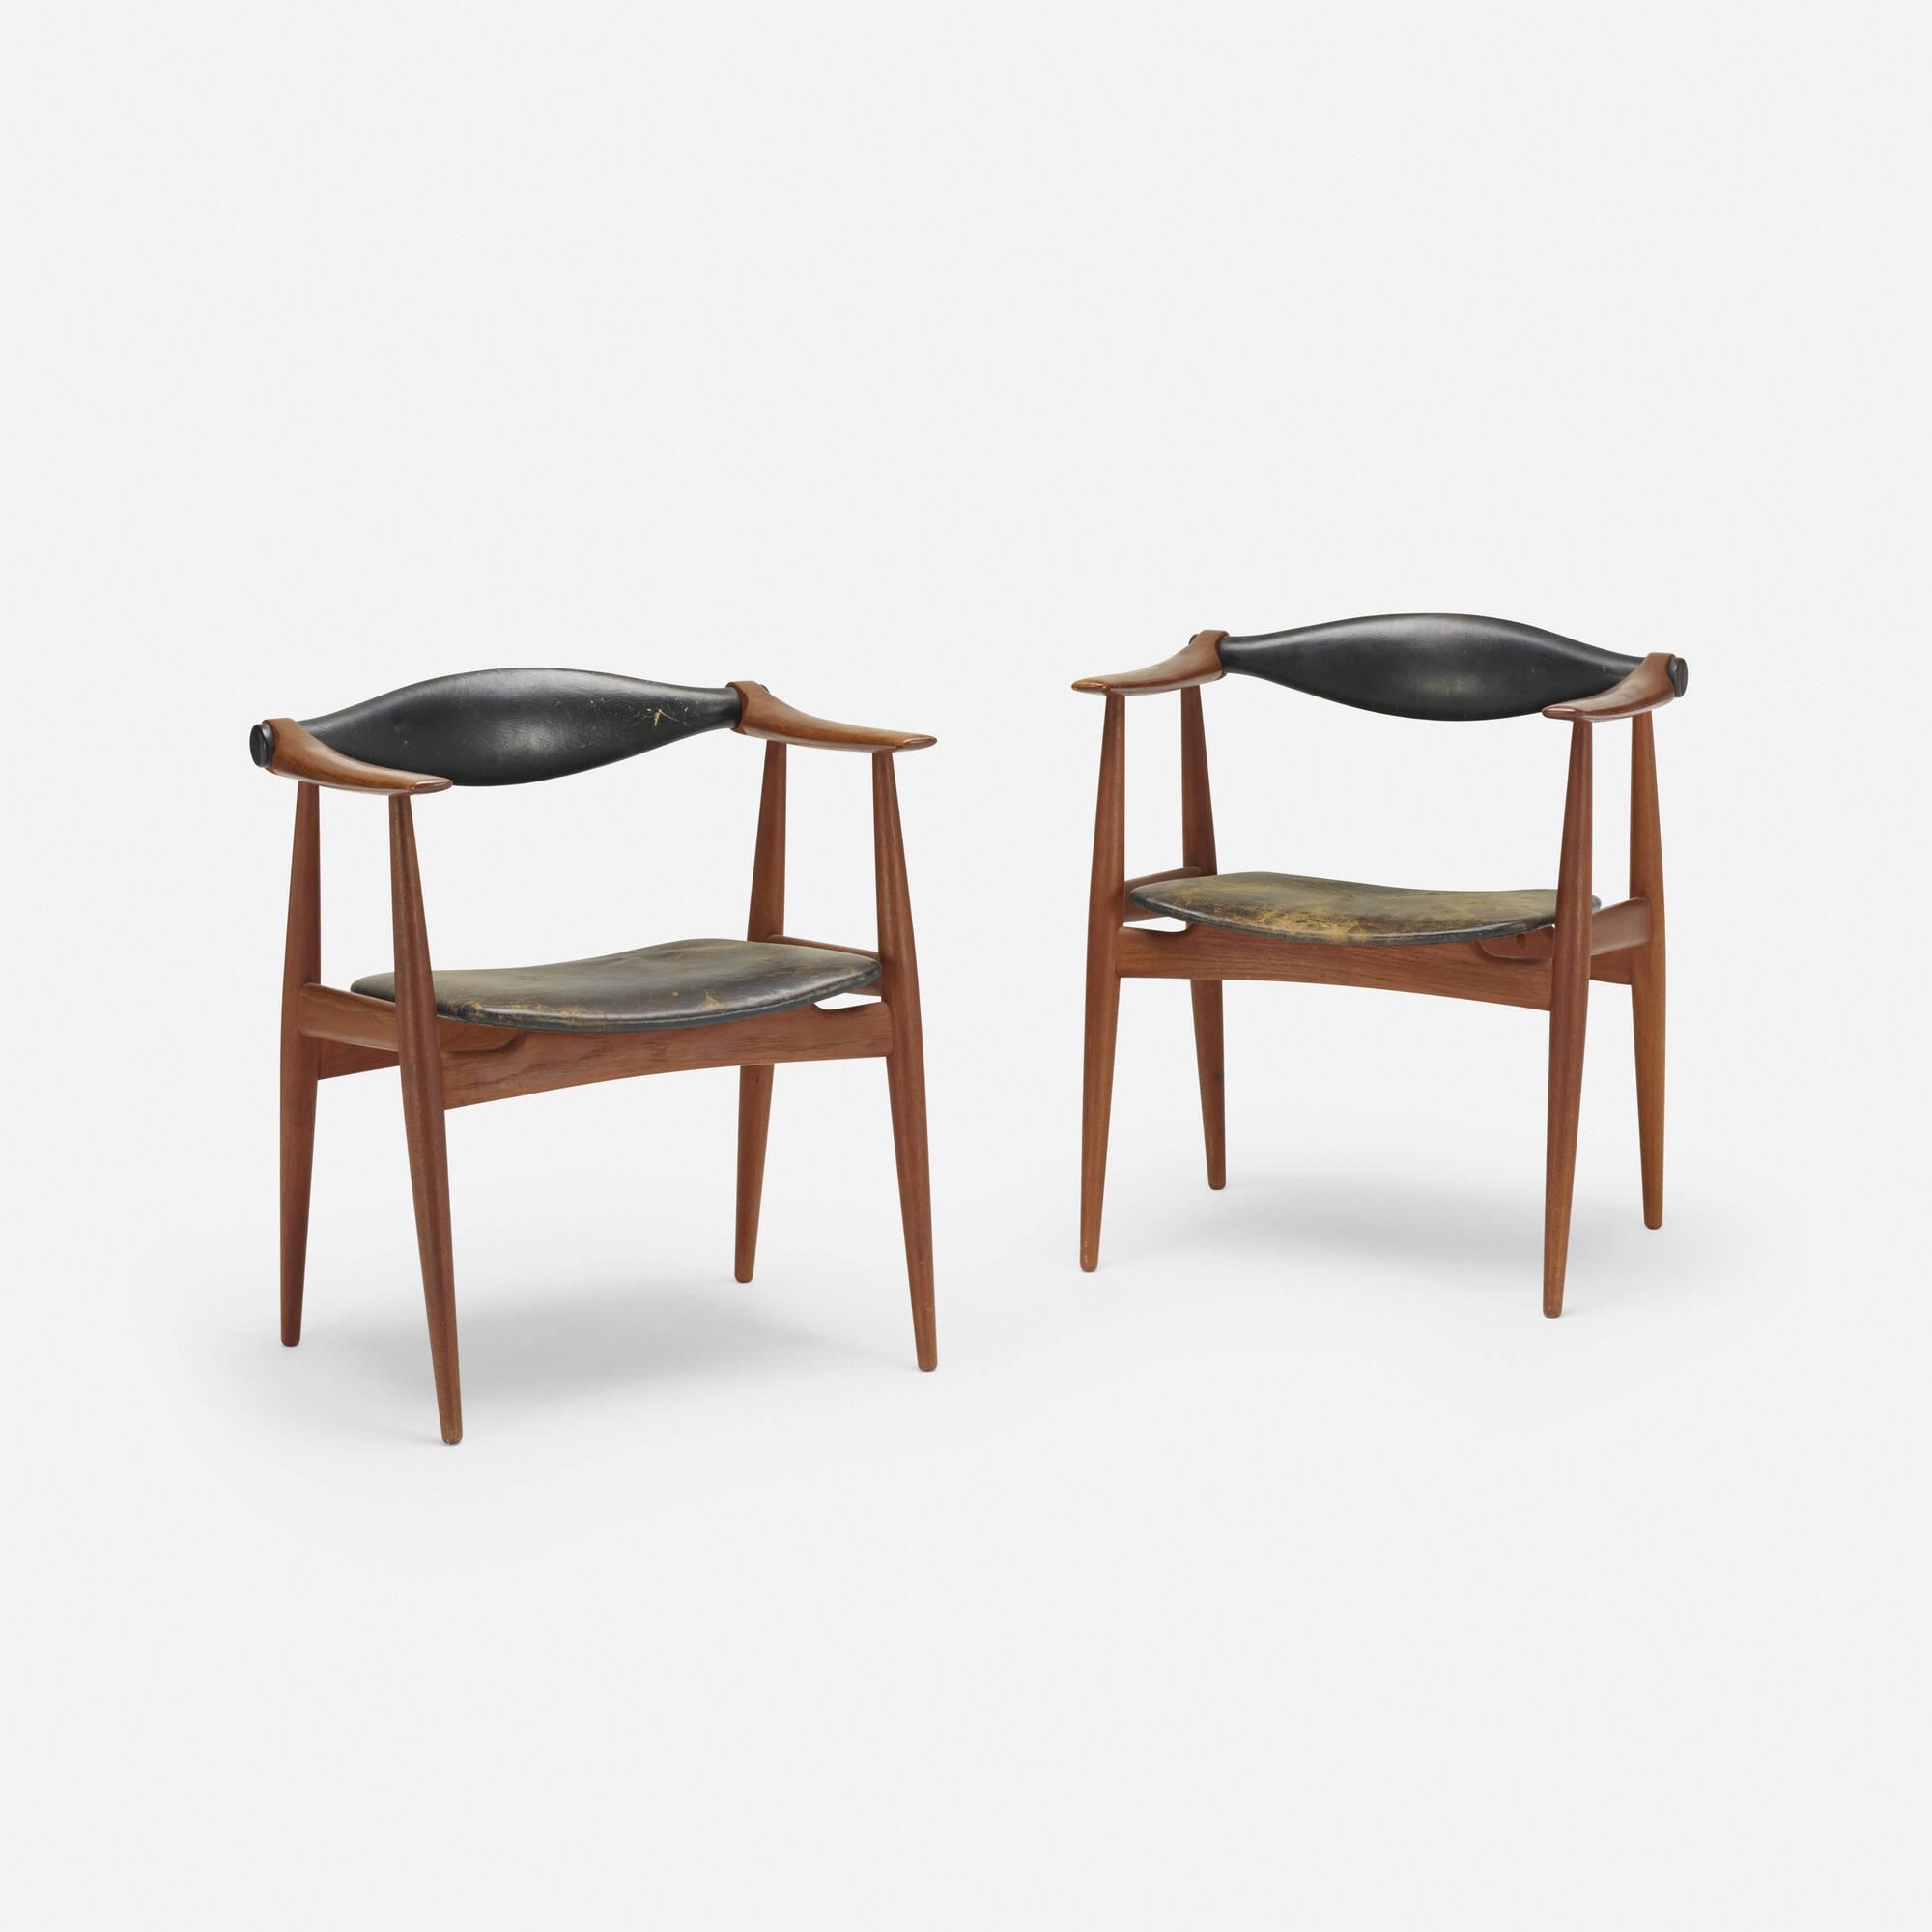 117: Hans J. Wegner / armchairs model CH34, pair (1 of 4)